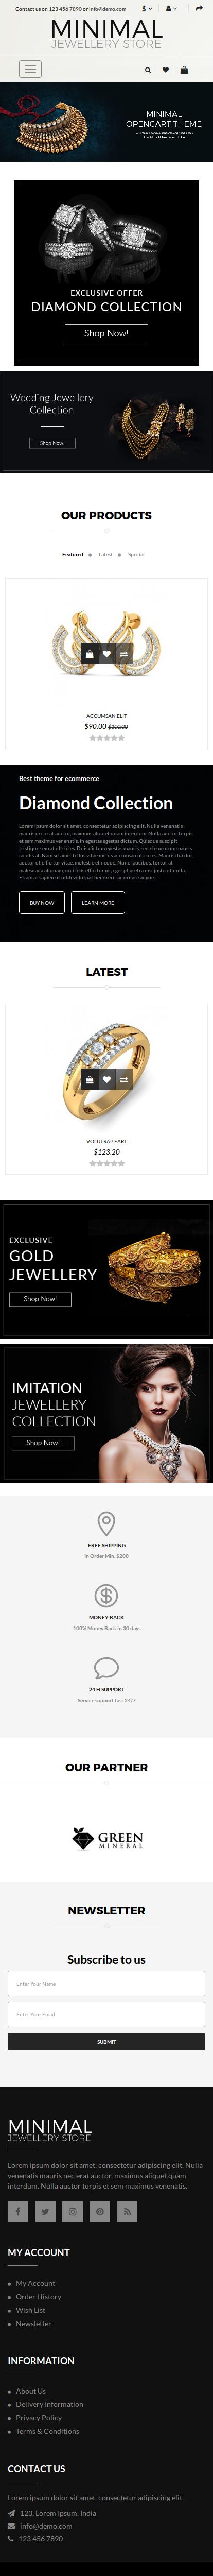 Minimal Jewellery Mobile